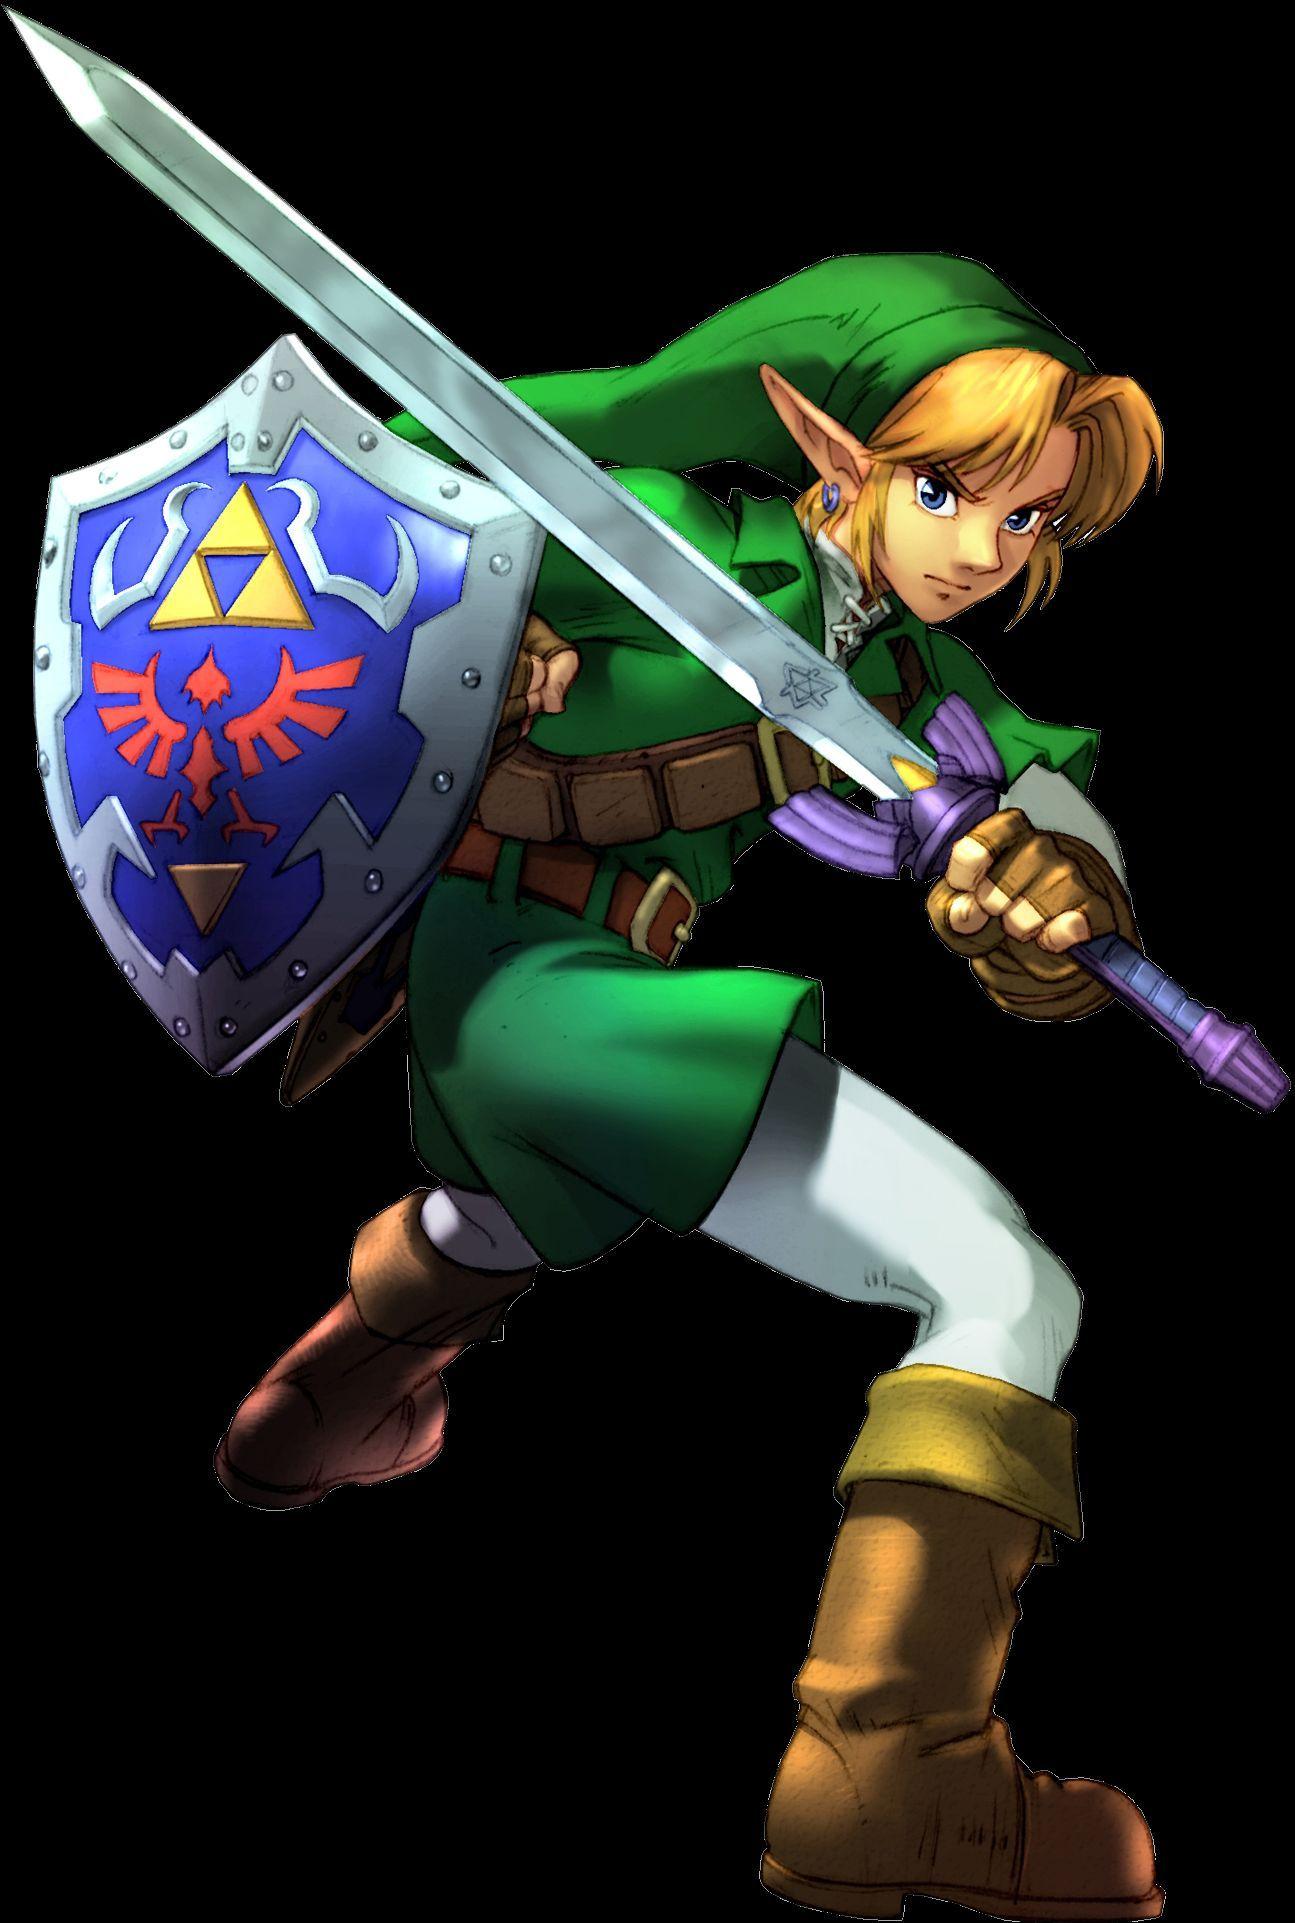 ¿Porqué Link es zurdo?